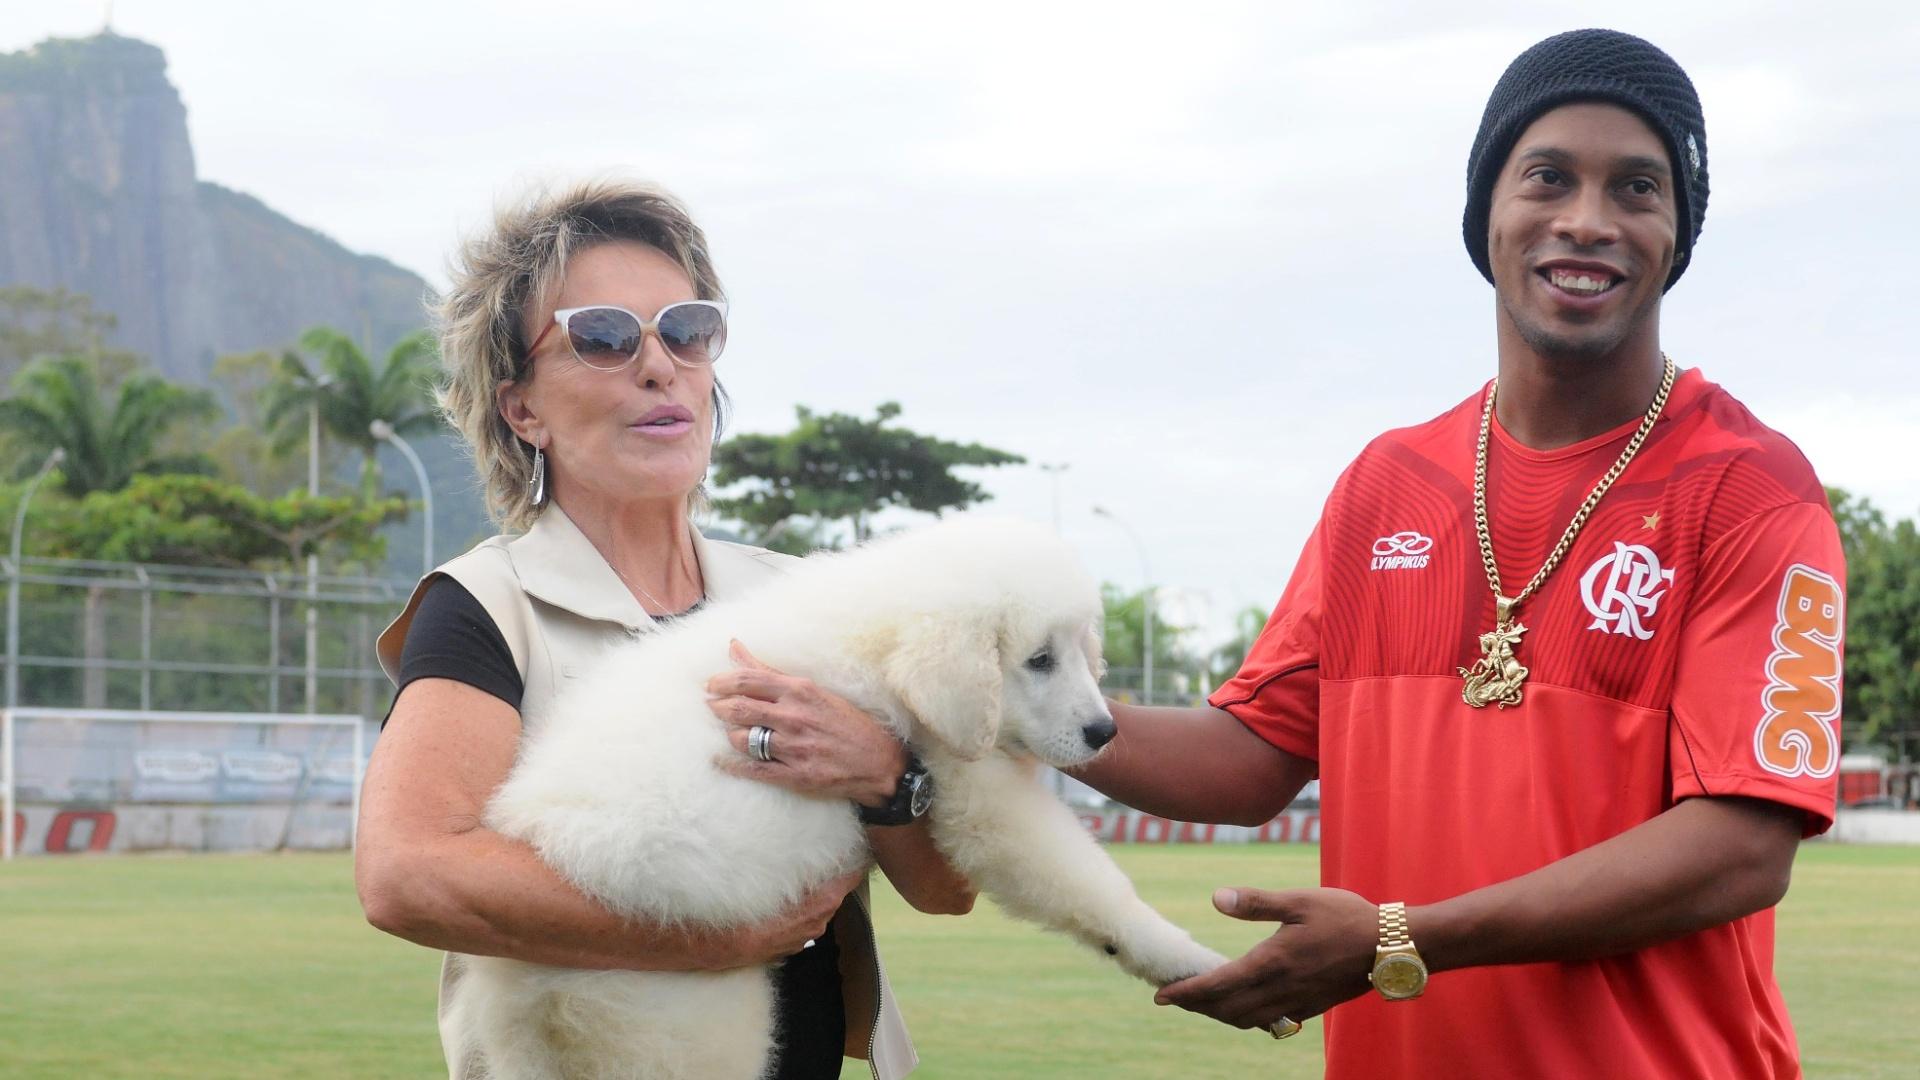 Apresentadora Ana Maria Braga presenteia Ronaldinho Gaúcho com um cachorro na véspera do aniversário de 32 anos do astro (20/03/2012)